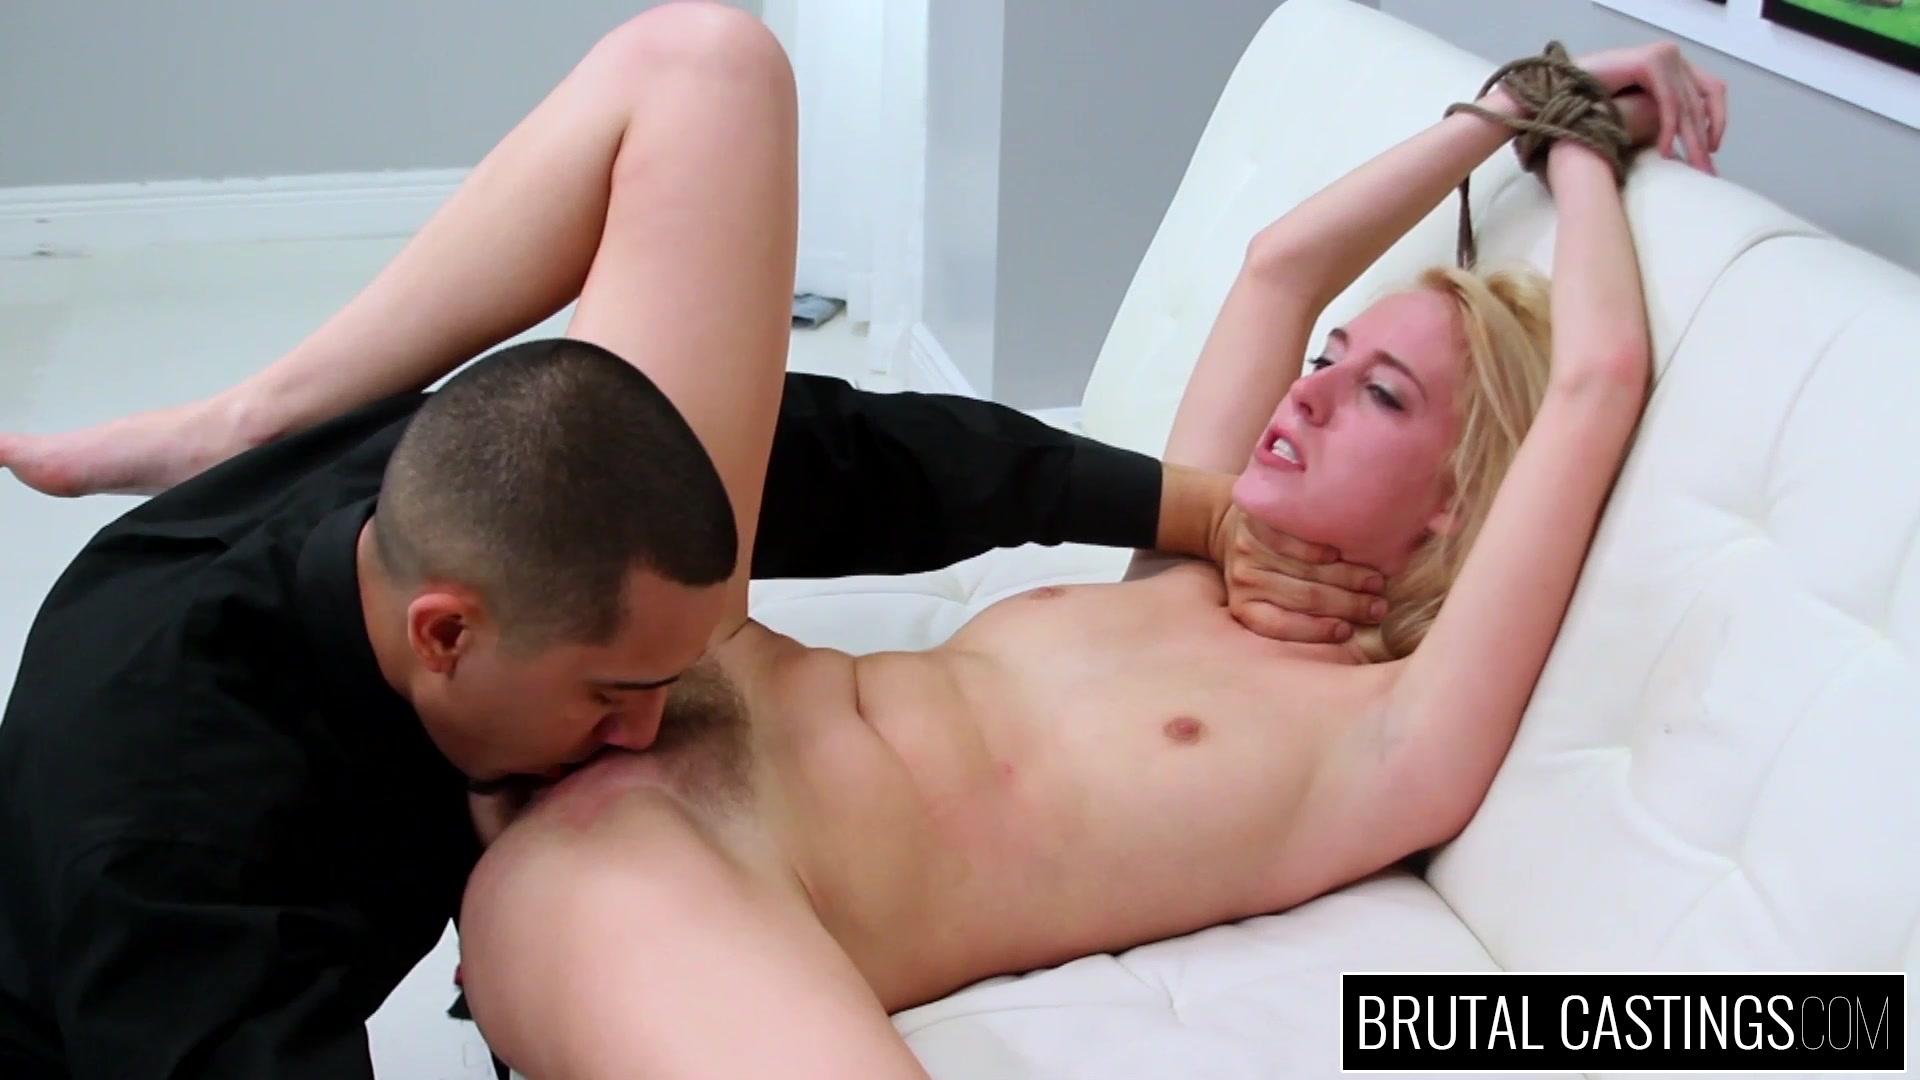 Brutal Casting Porn